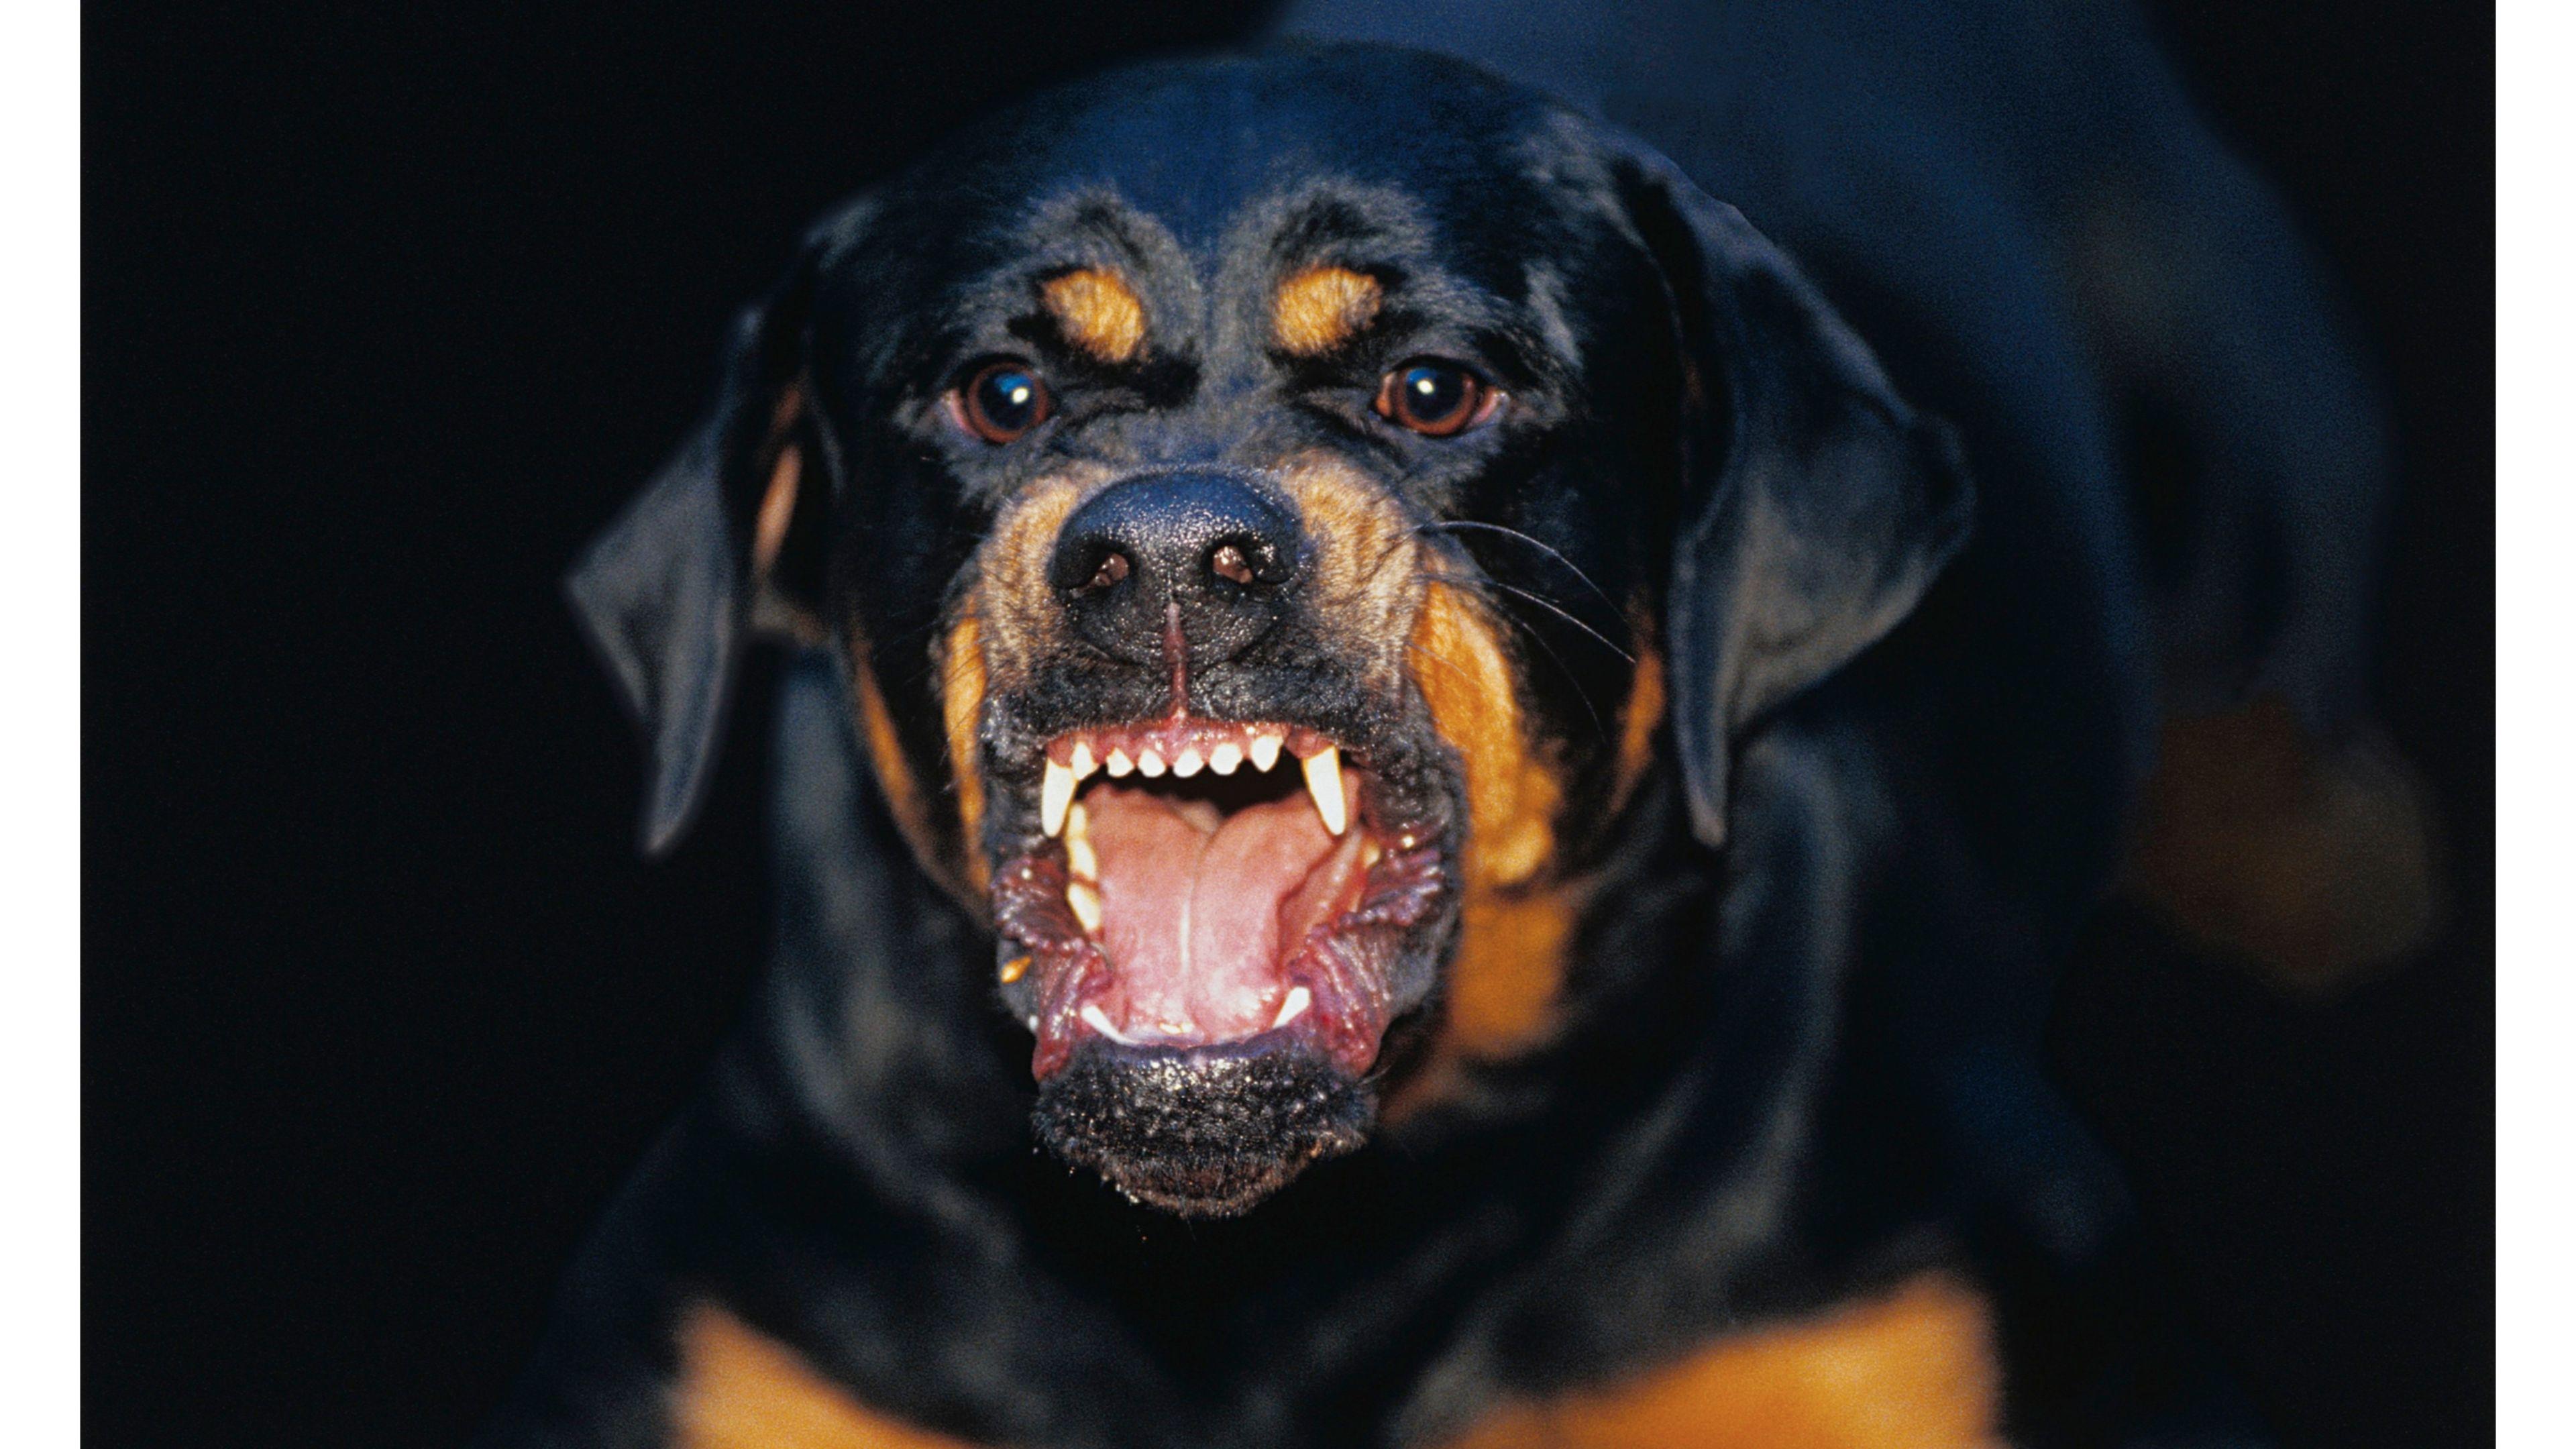 imagenes de perros rottweiler29 Imágenes de Perros Rottweiler